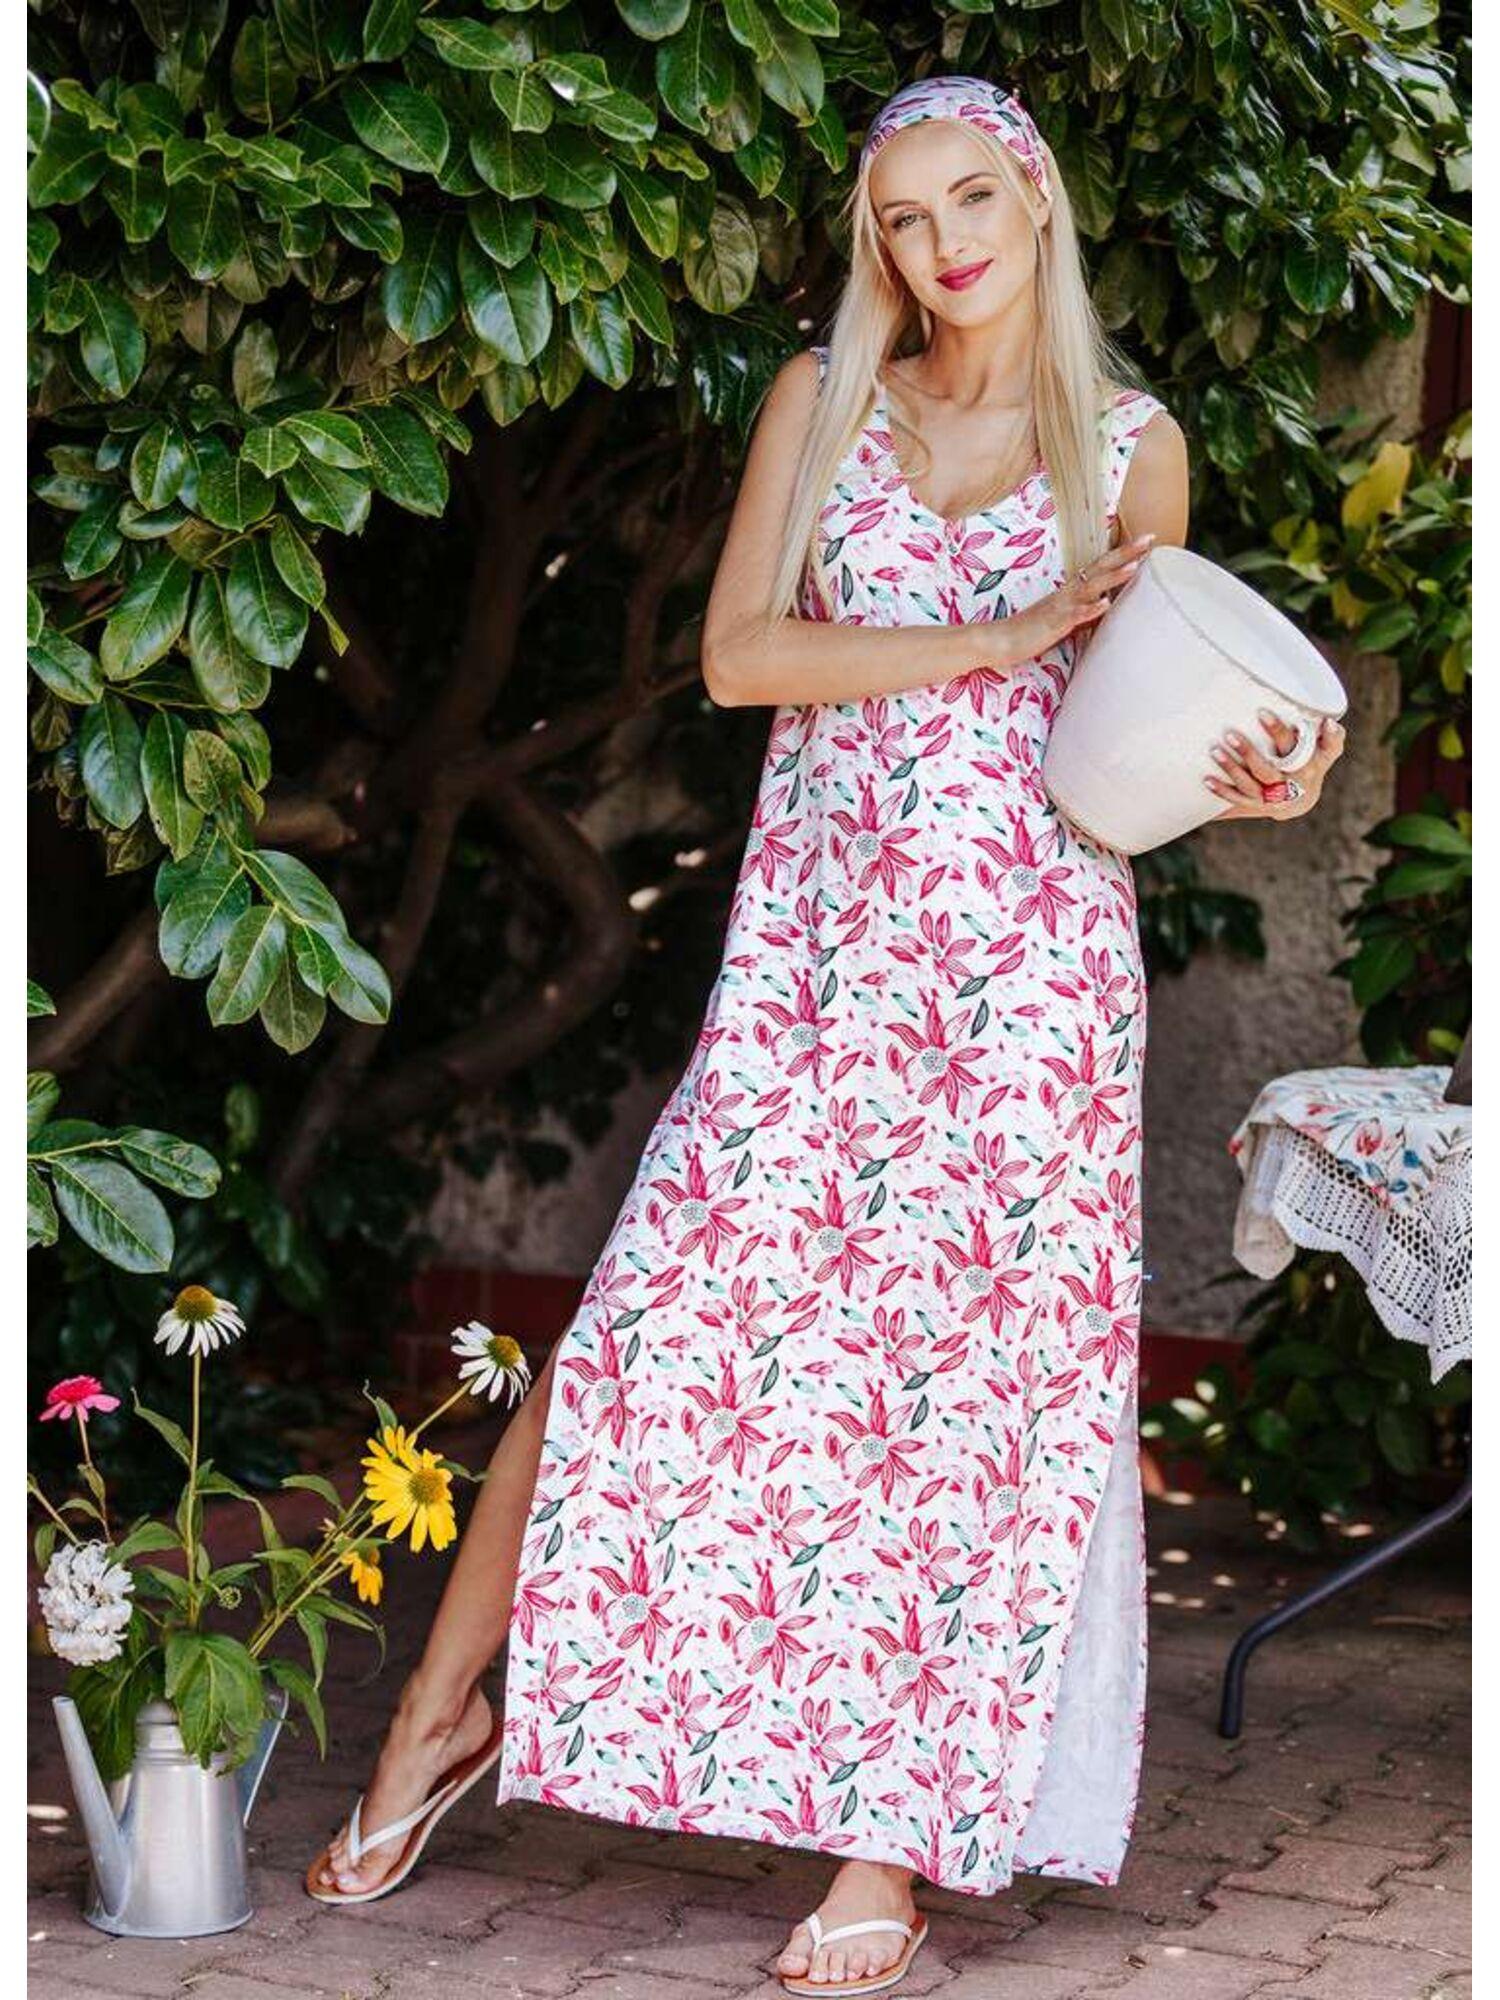 Платье женское бамбуковое длина макси, цветочный принт, LHD 505 A20, KEY